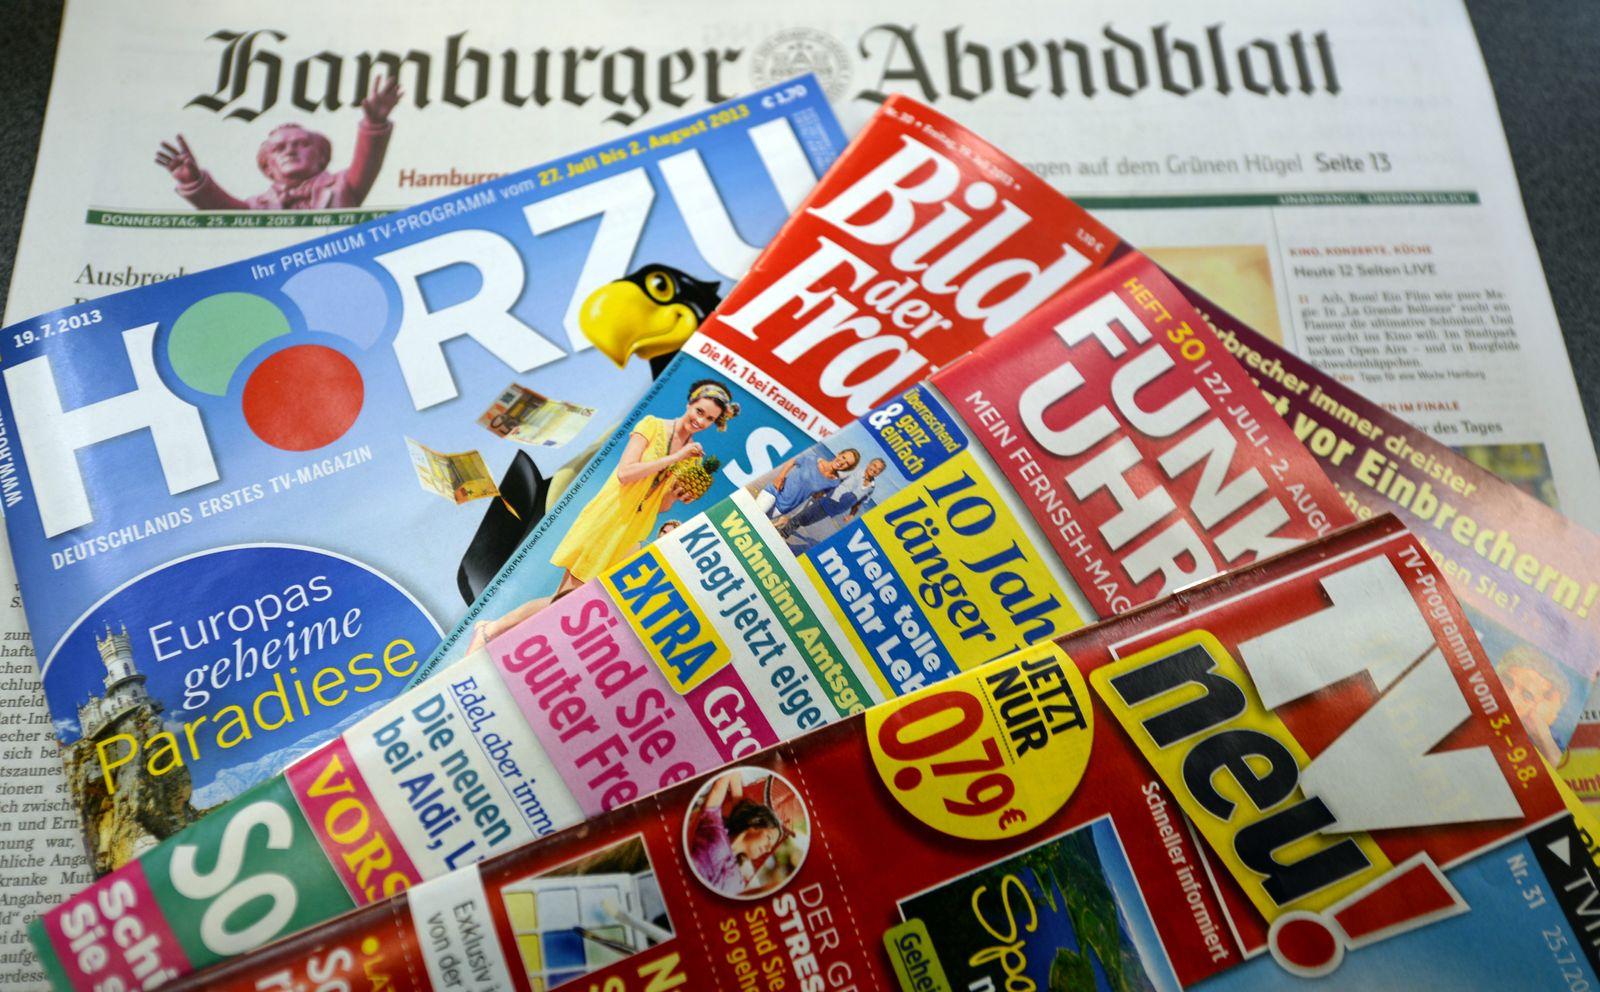 Axel Springer verkauft Regionalzeitungen